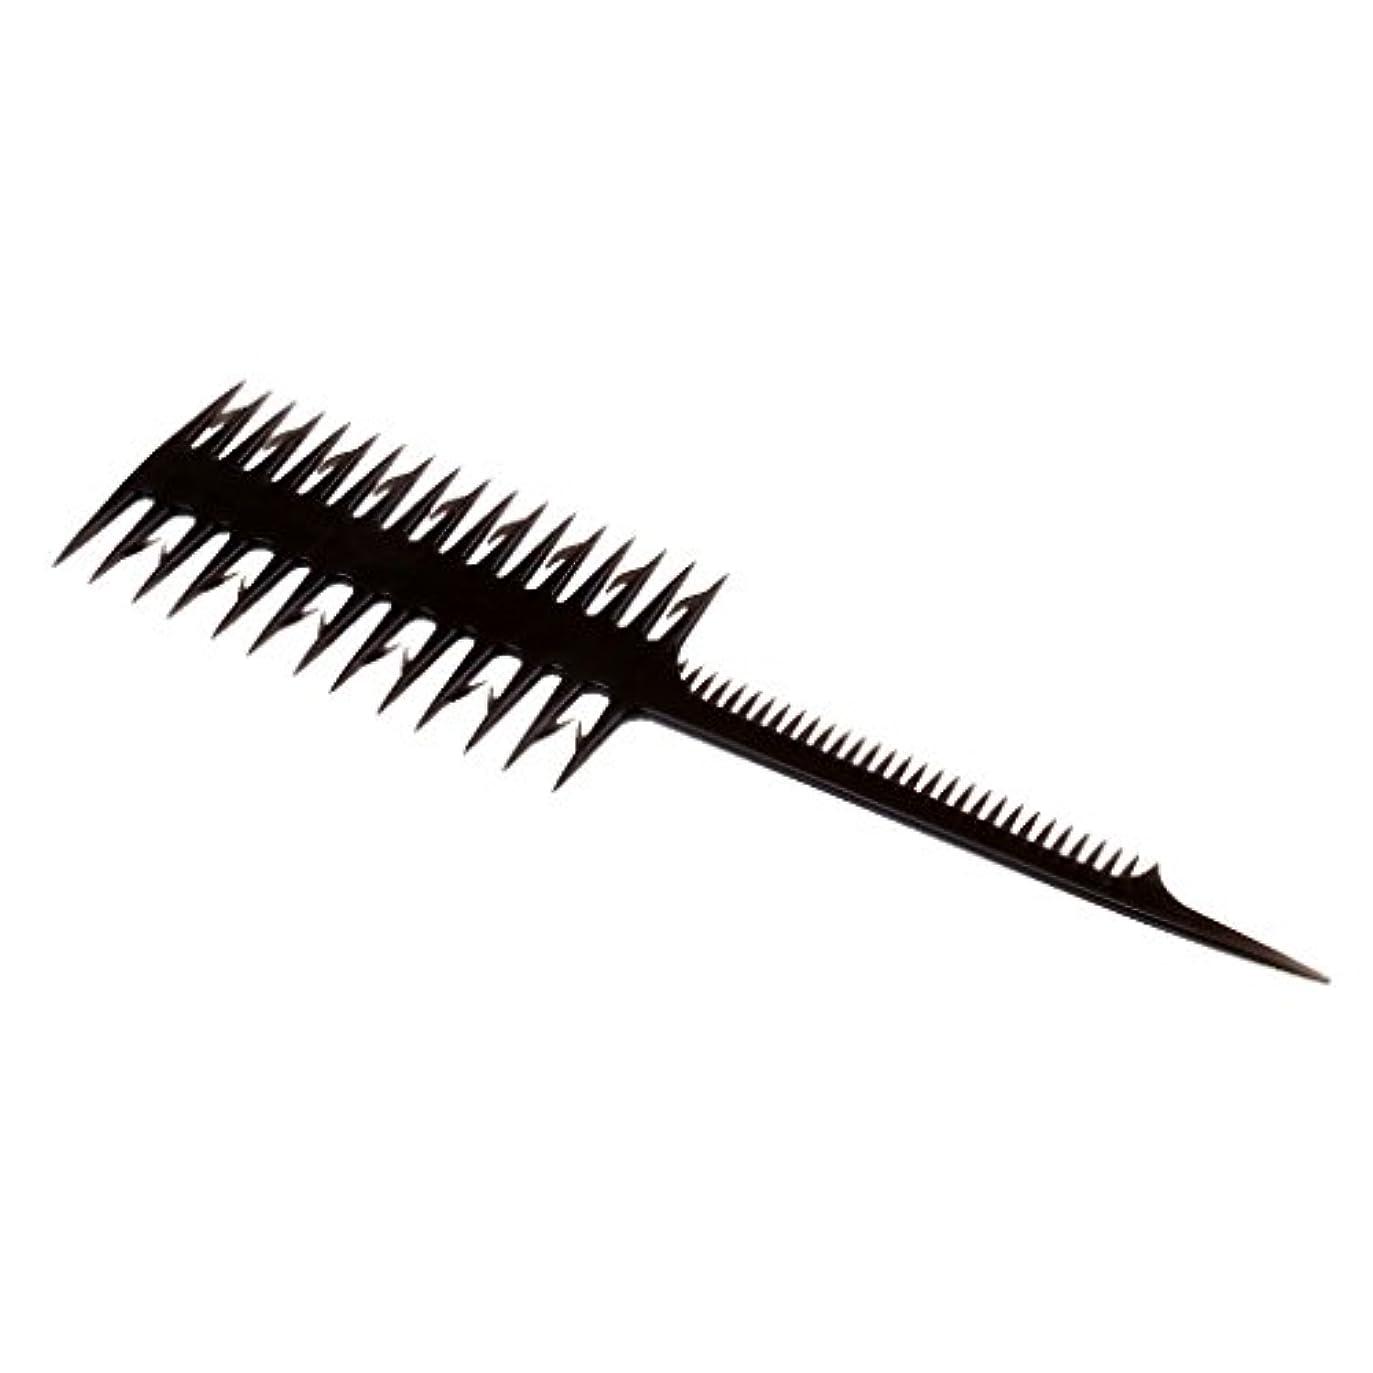 にじみ出るとらえどころのないデモンストレーション2イン1サロンヘアカラーリング染色ティントDIY織りくし細い歯ブラシ - ブラック